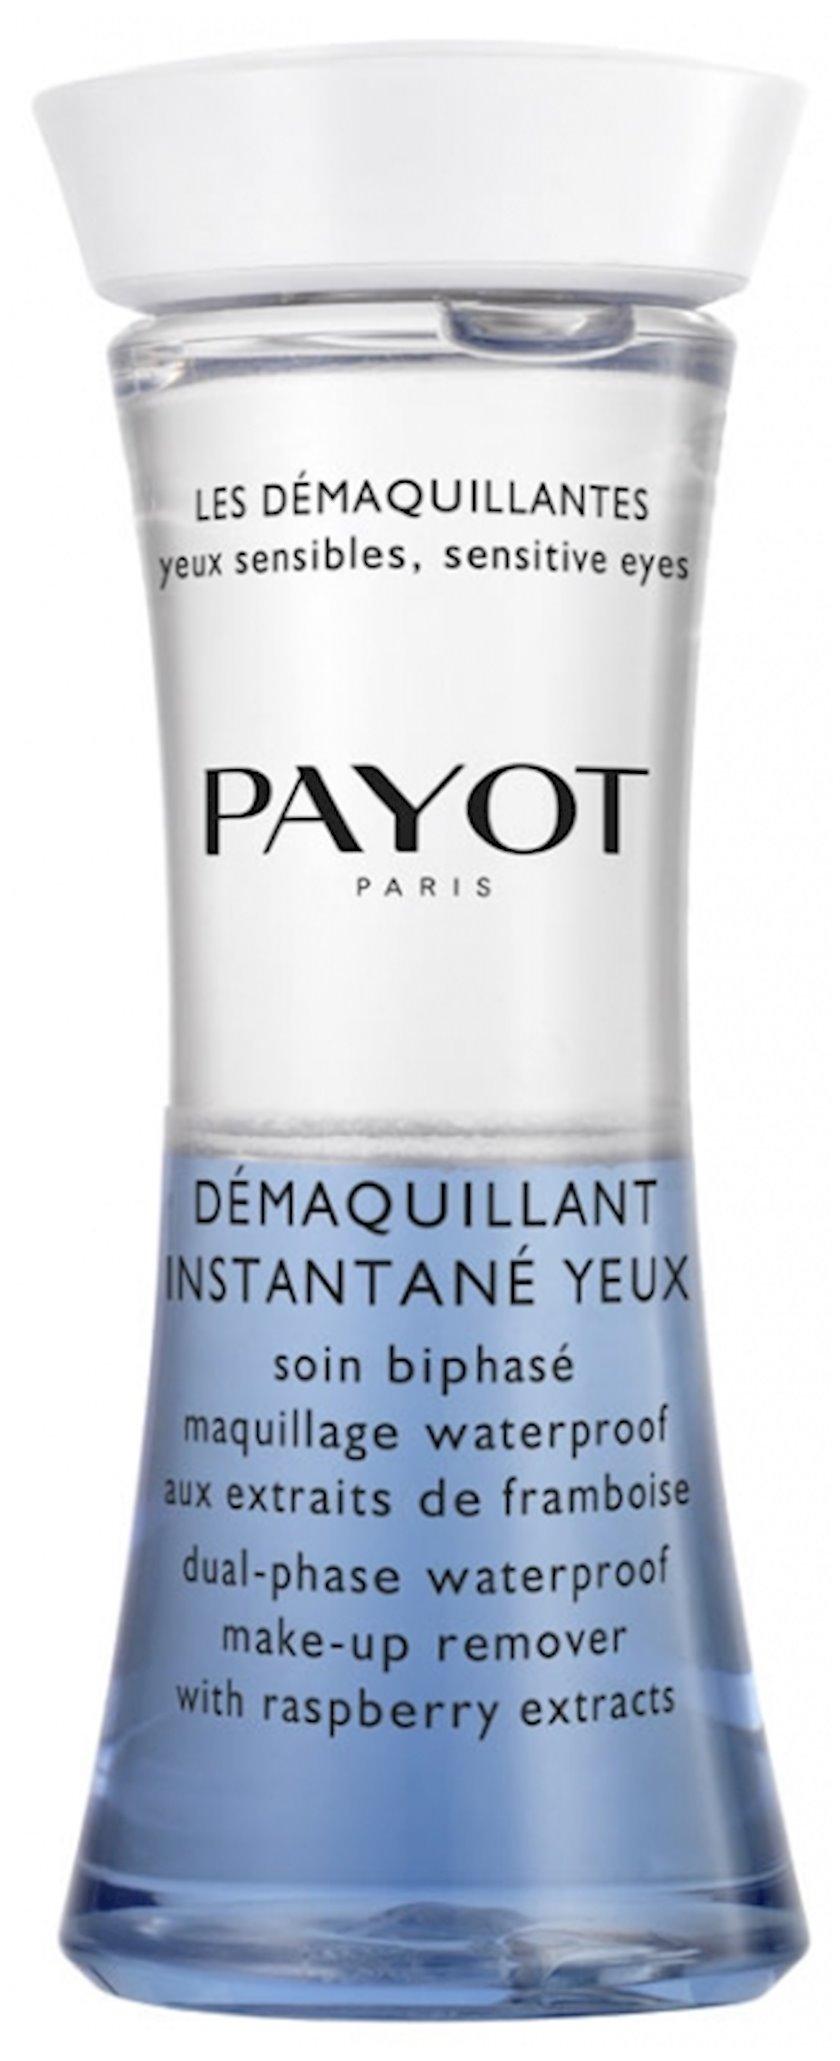 Fluid Payot Les Demaquillantes təmizləyici və hamarlaşdırıcı, göz və dodaqlar üçün, 125 ml